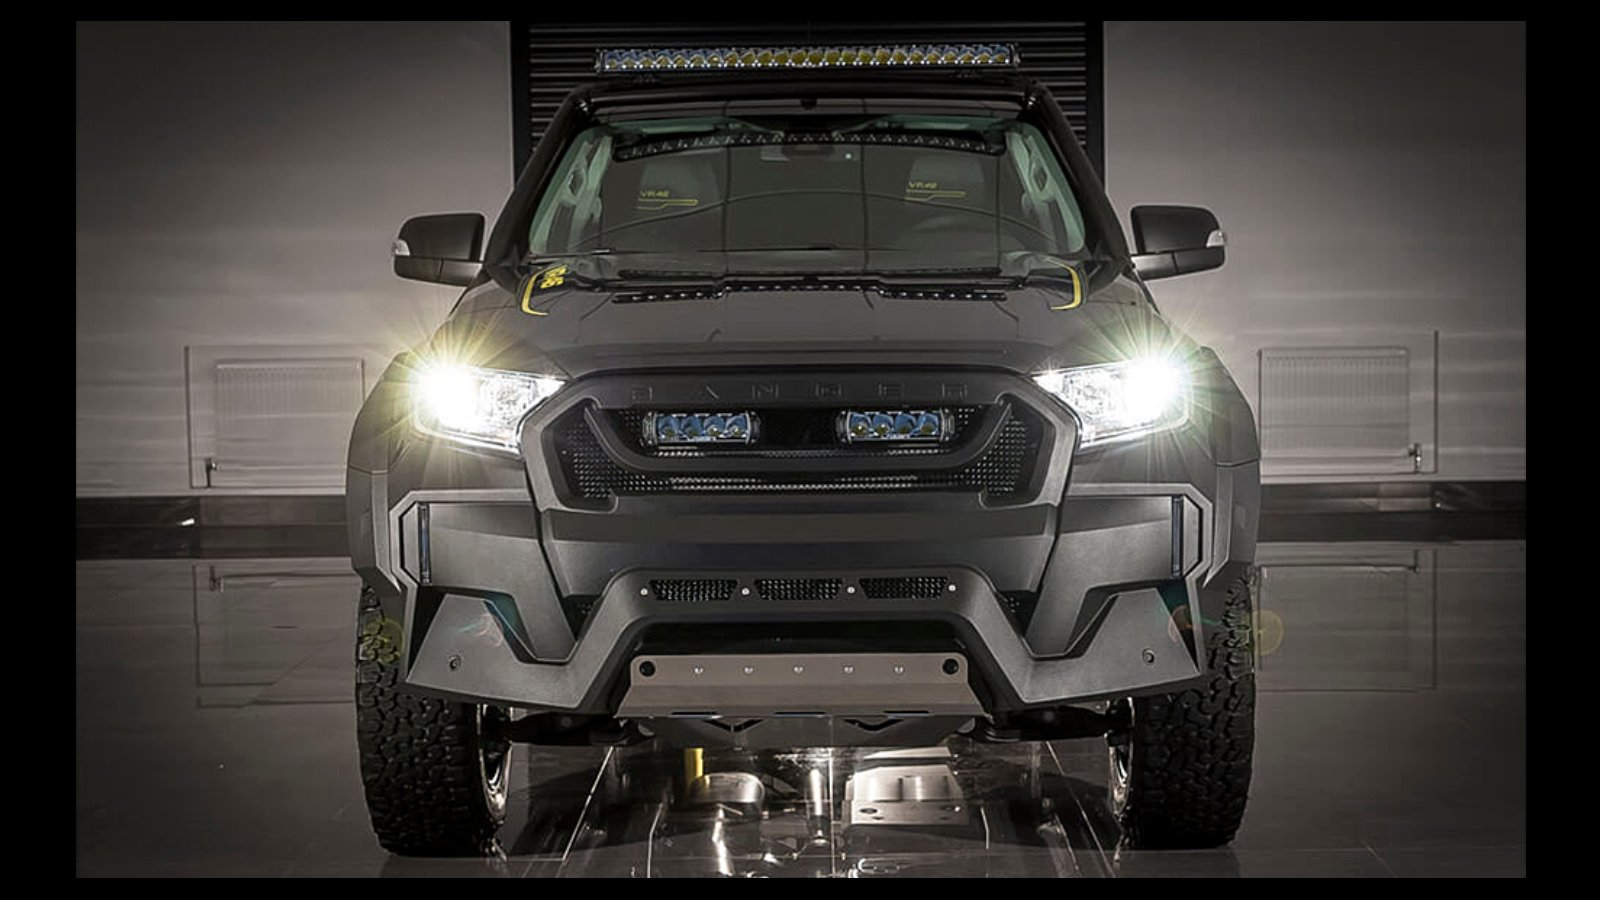 Ford_ranger_raptor_3.jpg